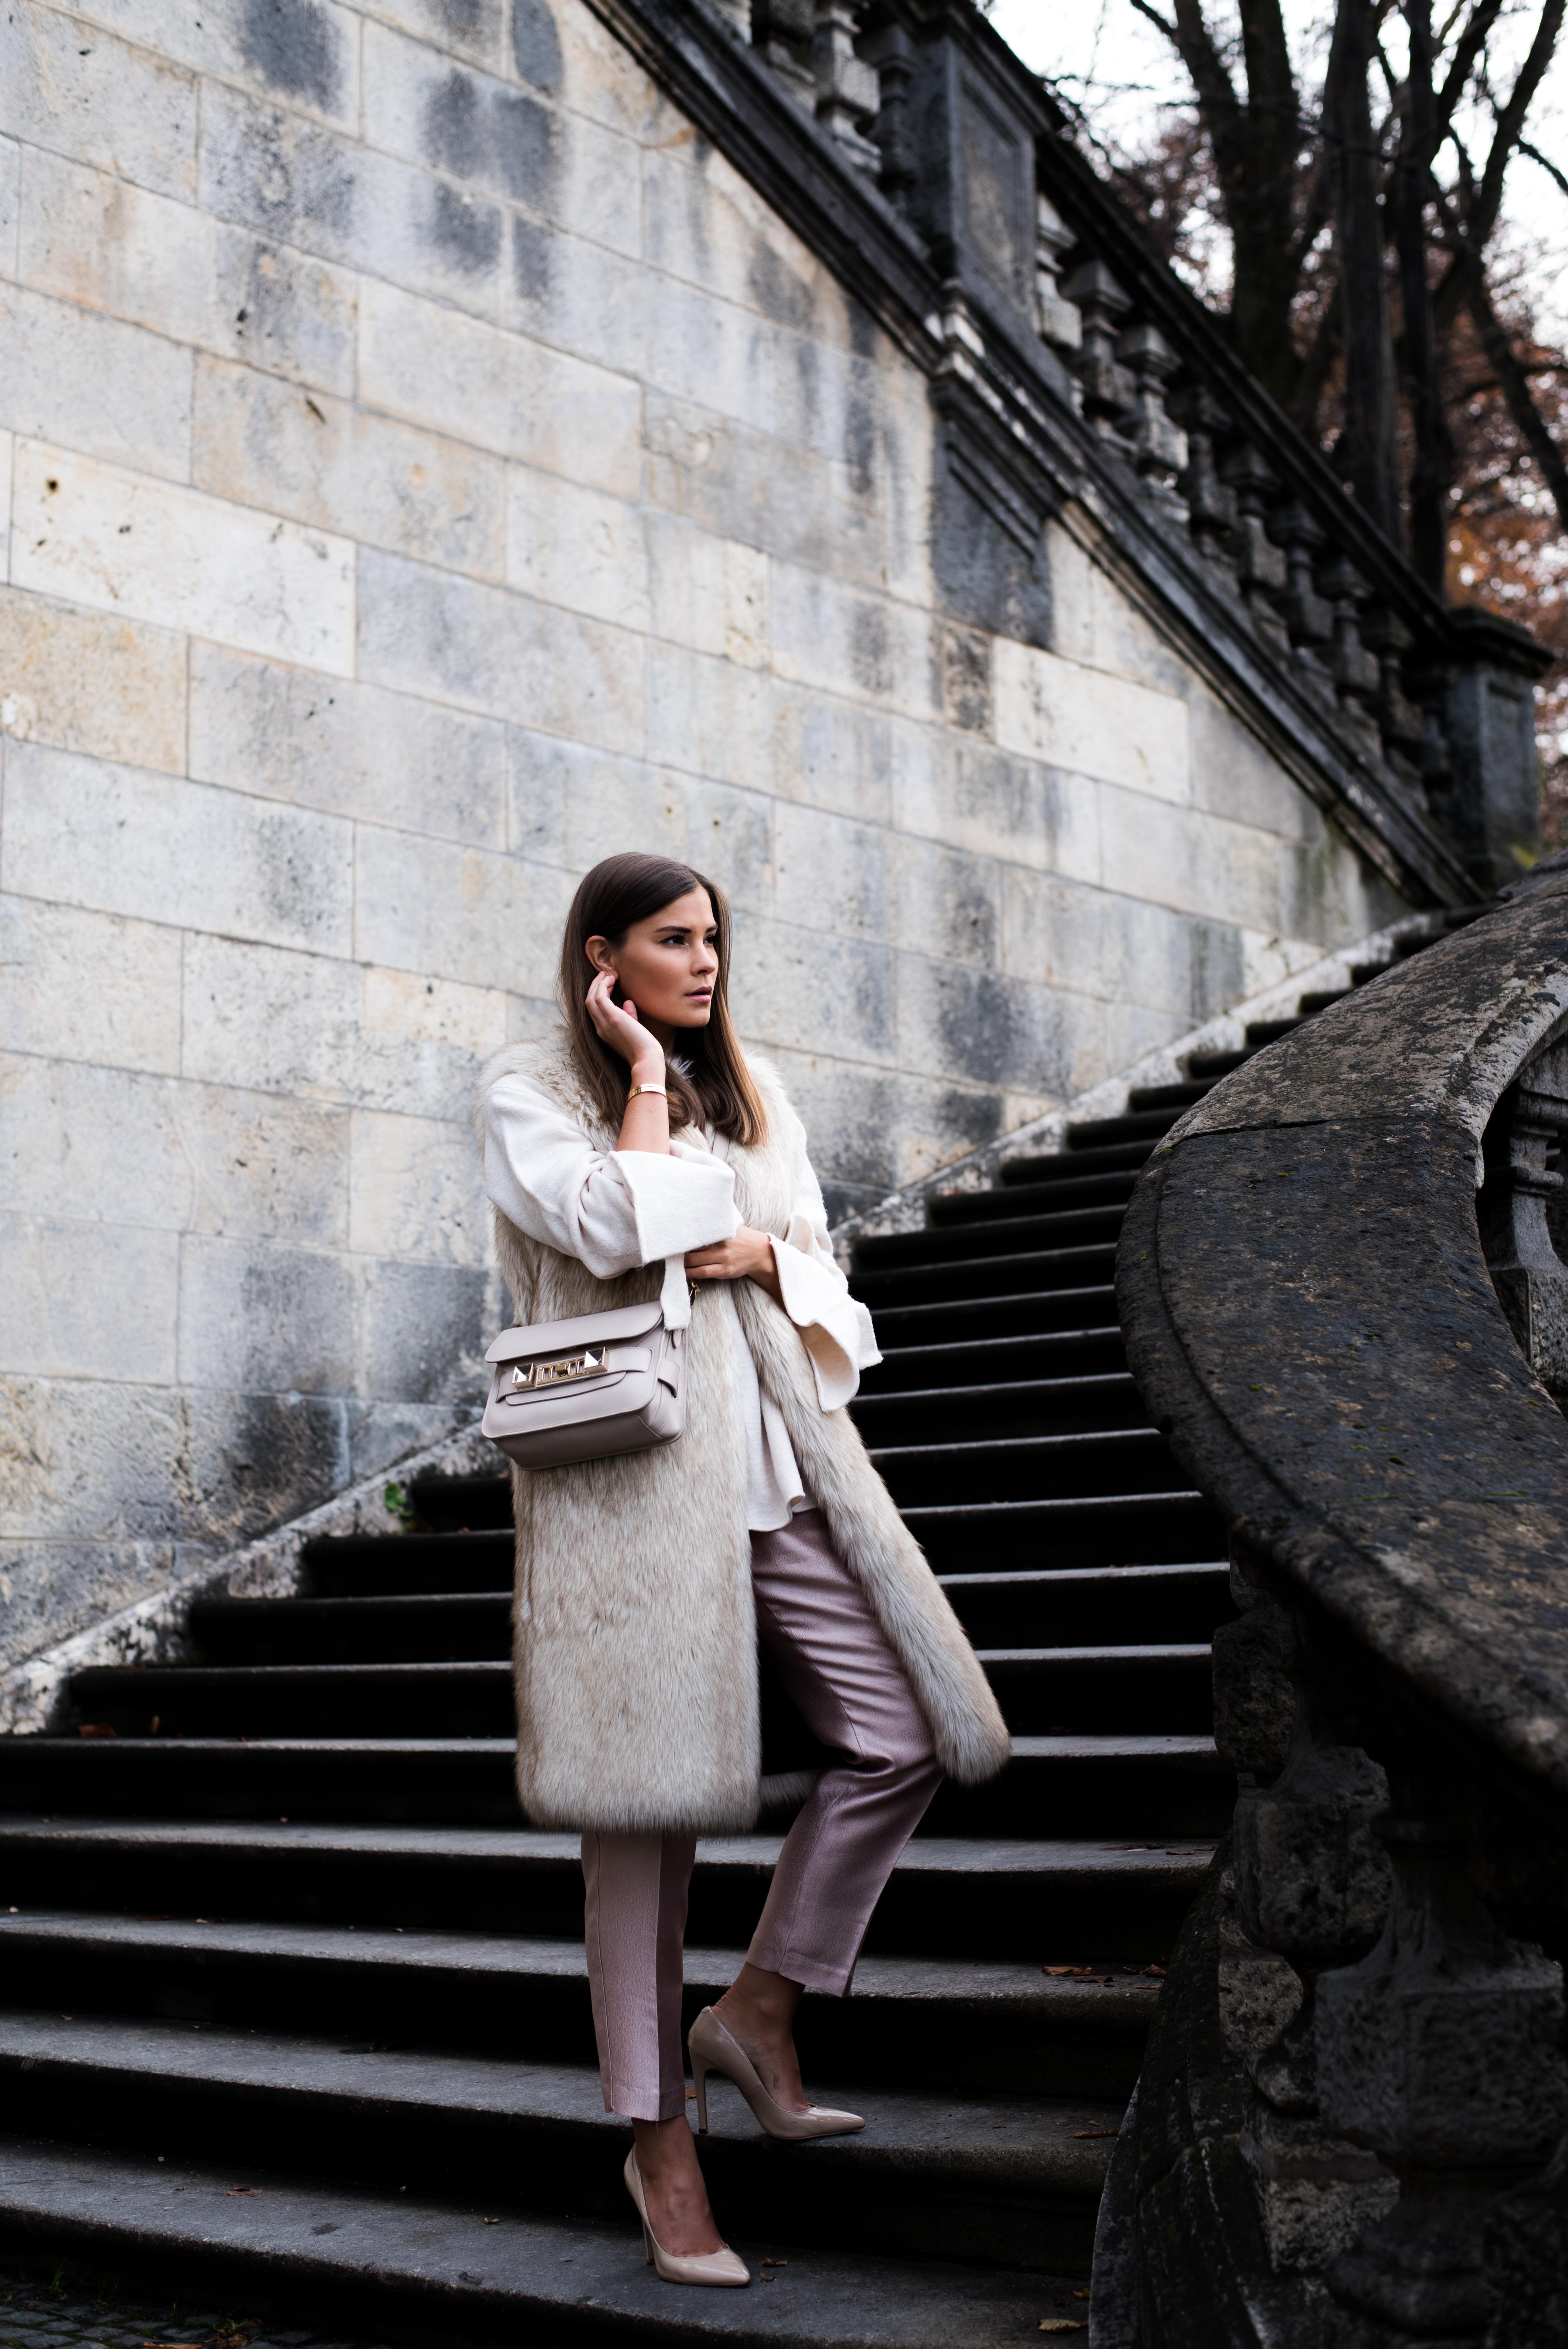 die-10-besten-fashionblogs-und-reiseblogs-deutschlands-nina-schwichtenberg-fashiioncarpet